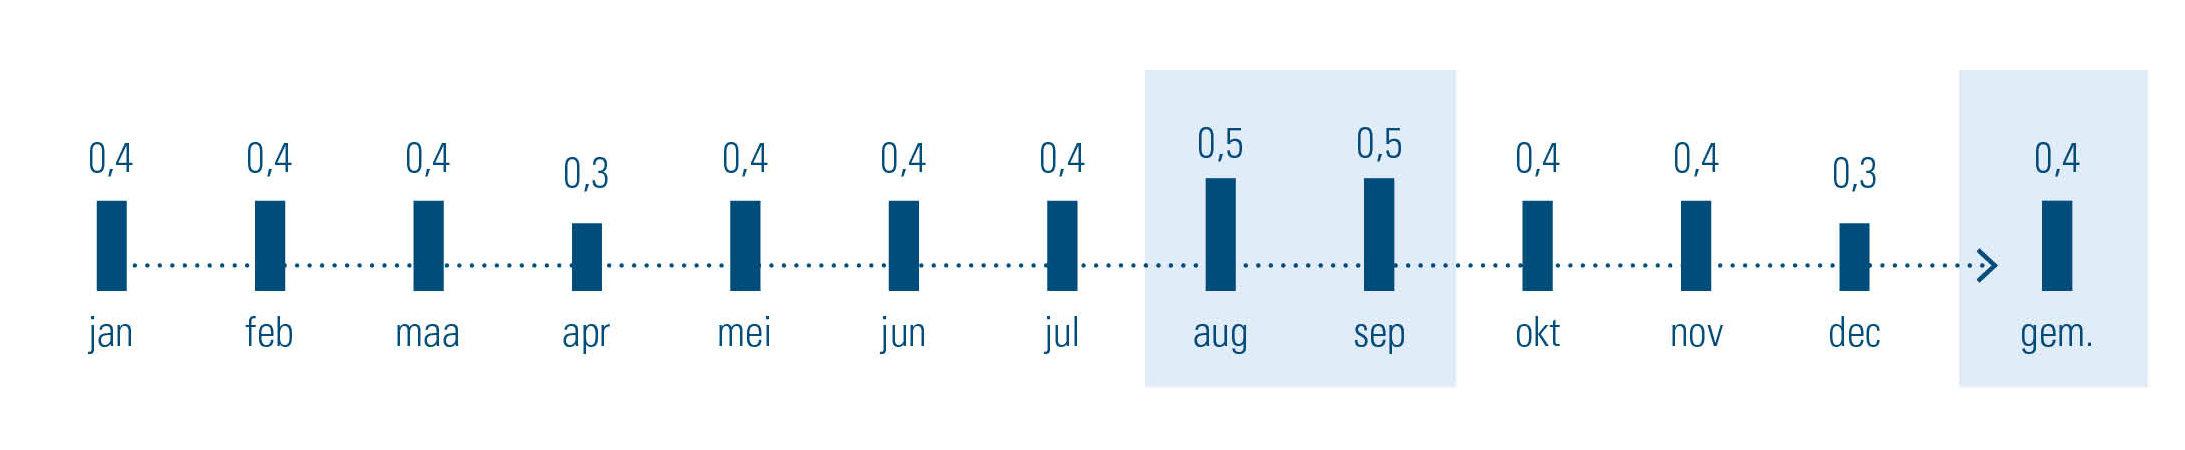 % einde contracten onbepaalde duur door werknemer, evolutie over de maanden van 2019